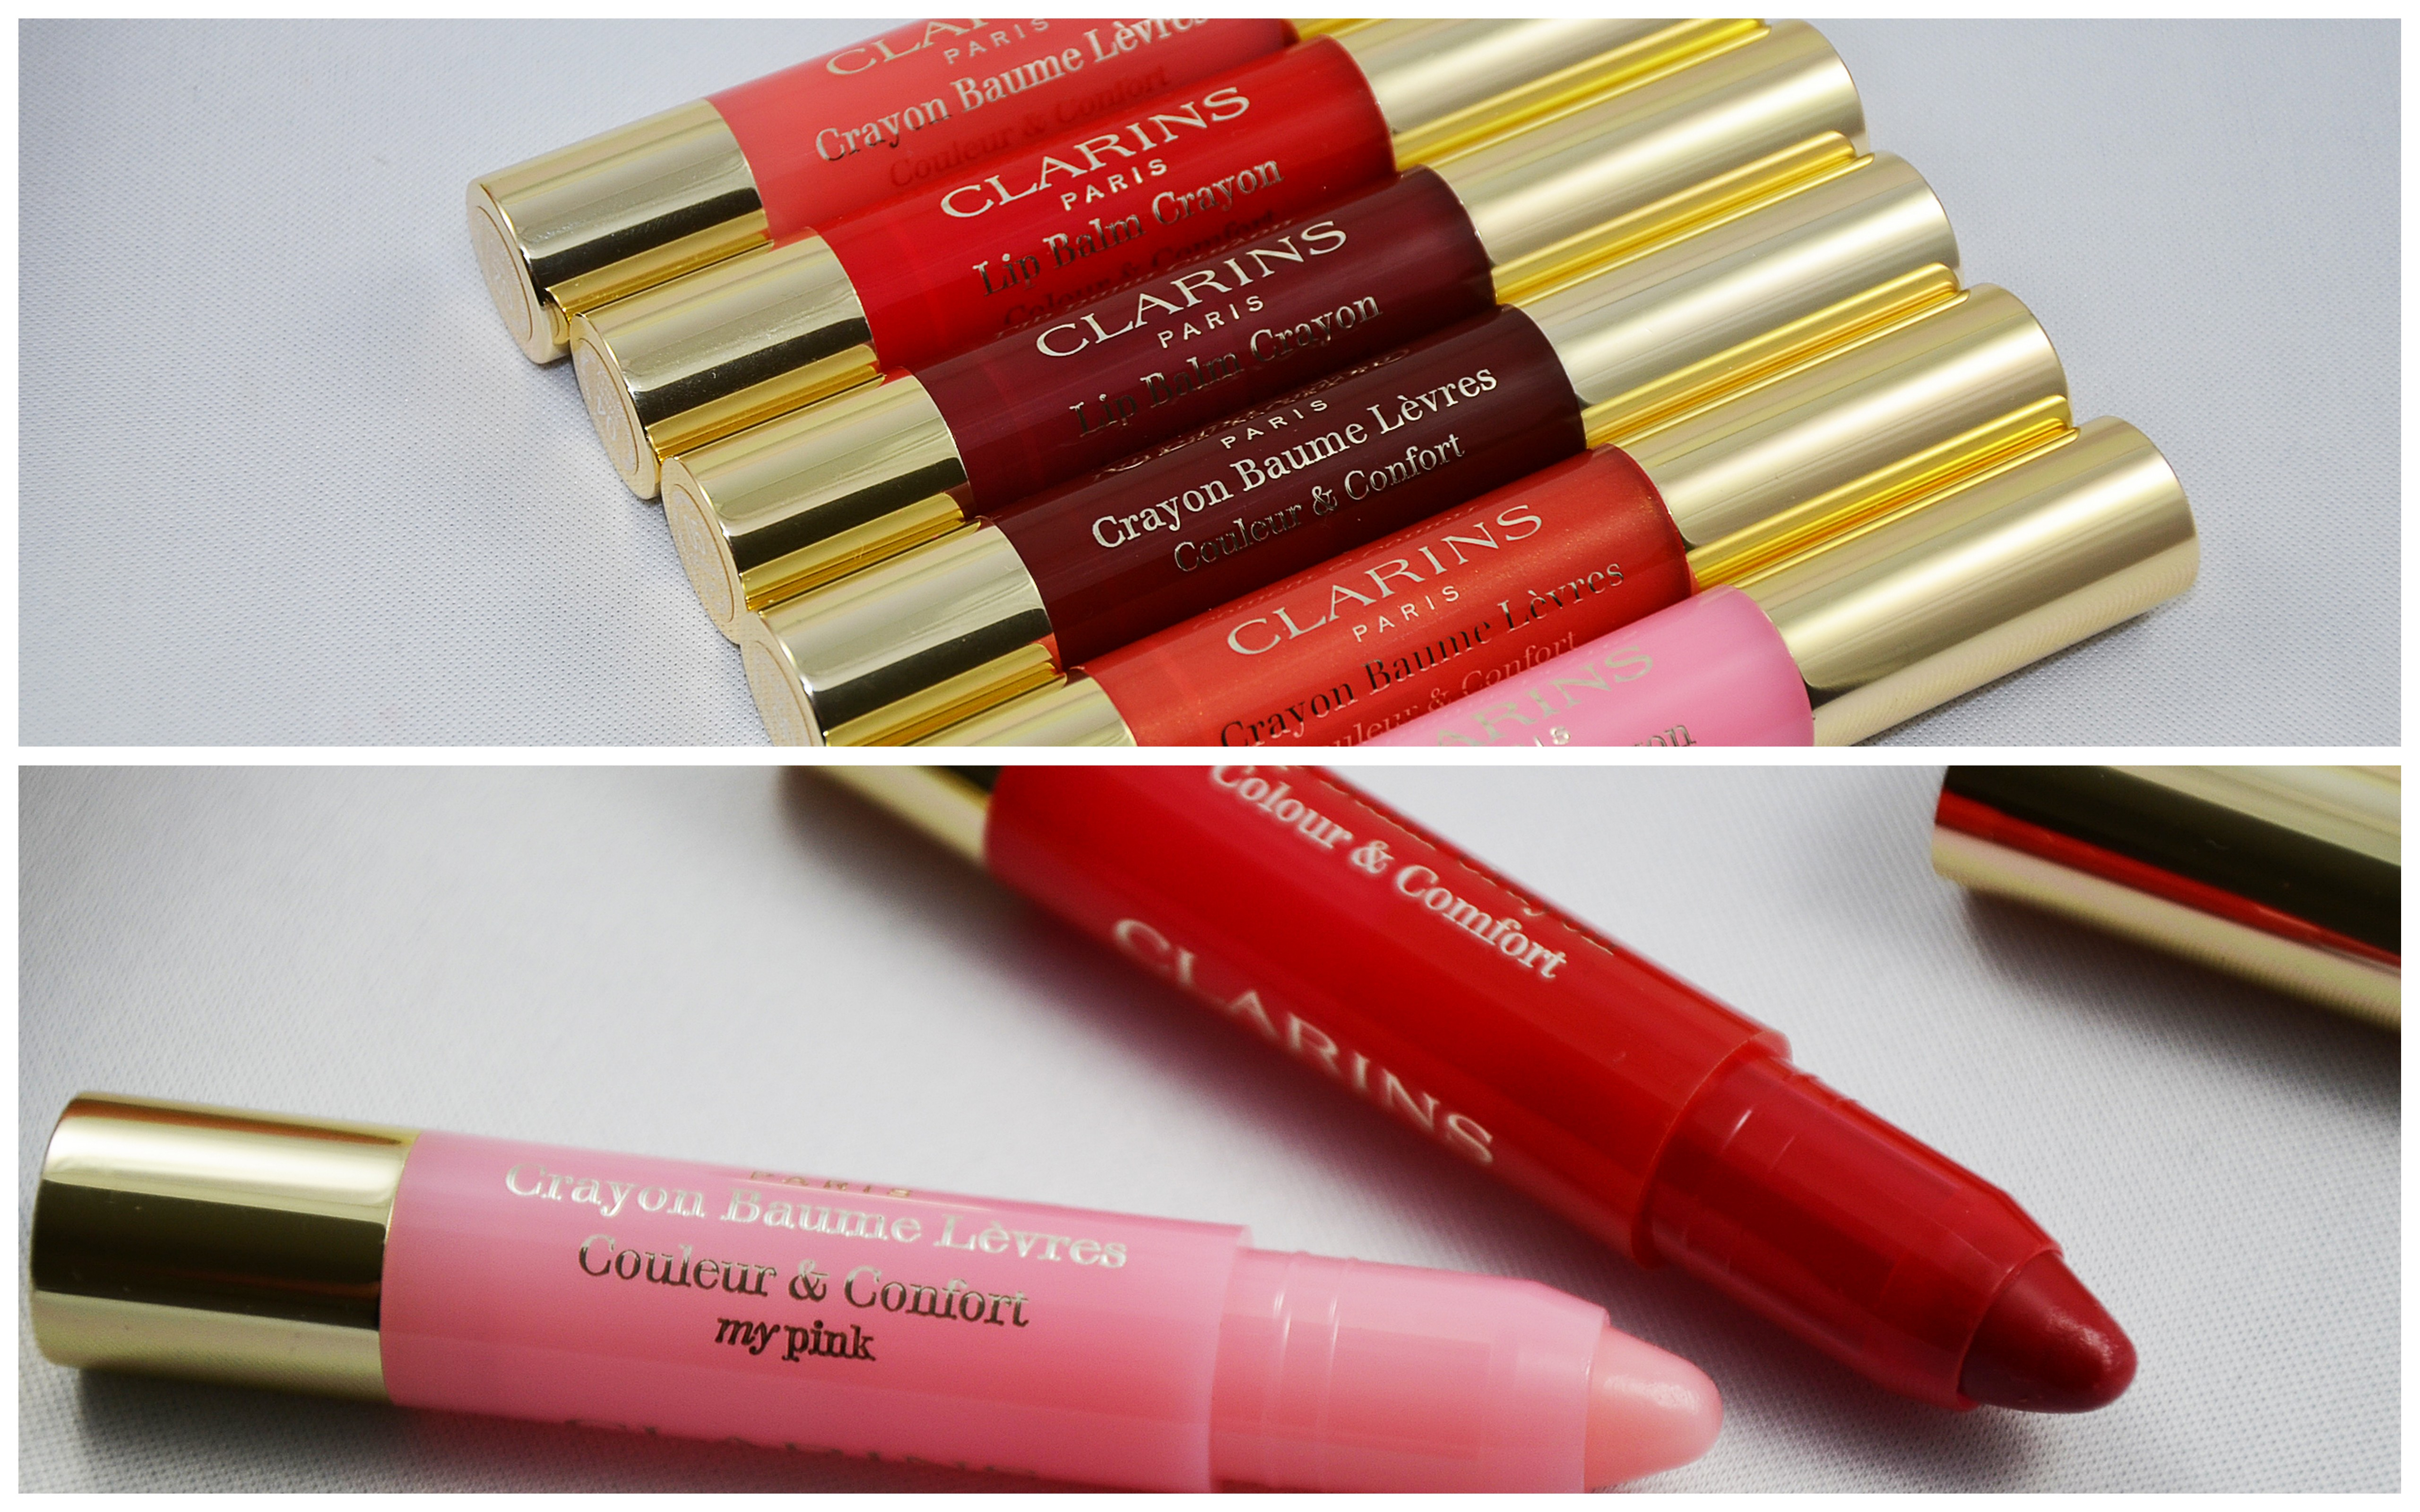 Clarins Lip Balm Crayon